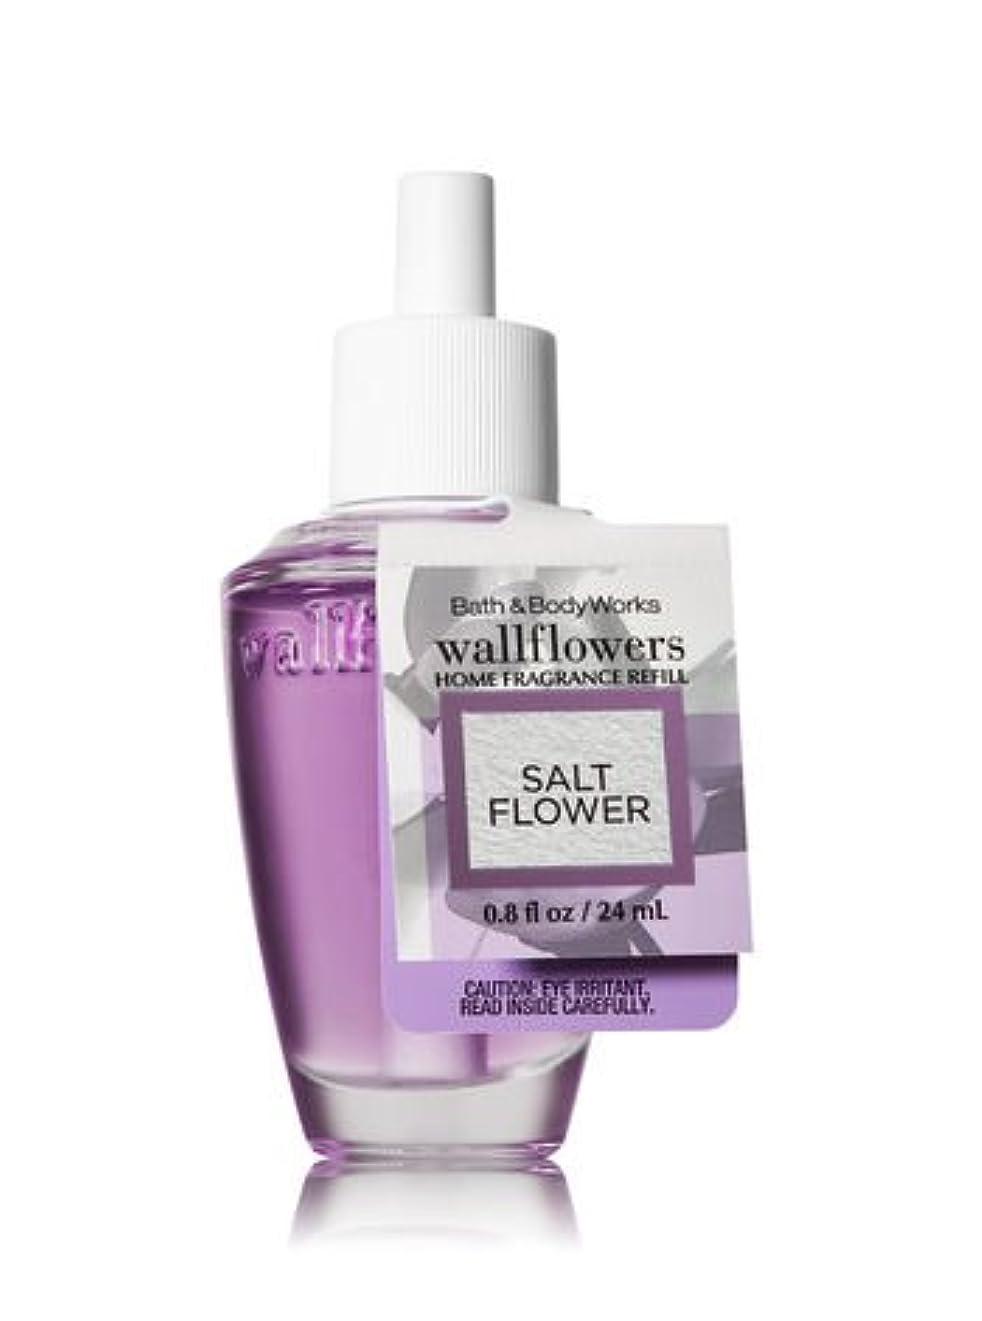 予防接種するニュージーランド猫背【Bath&Body Works/バス&ボディワークス】 ルームフレグランス 詰替えリフィル ソルトフラワー Wallflowers Home Fragrance Refill Salt Flower [並行輸入品]